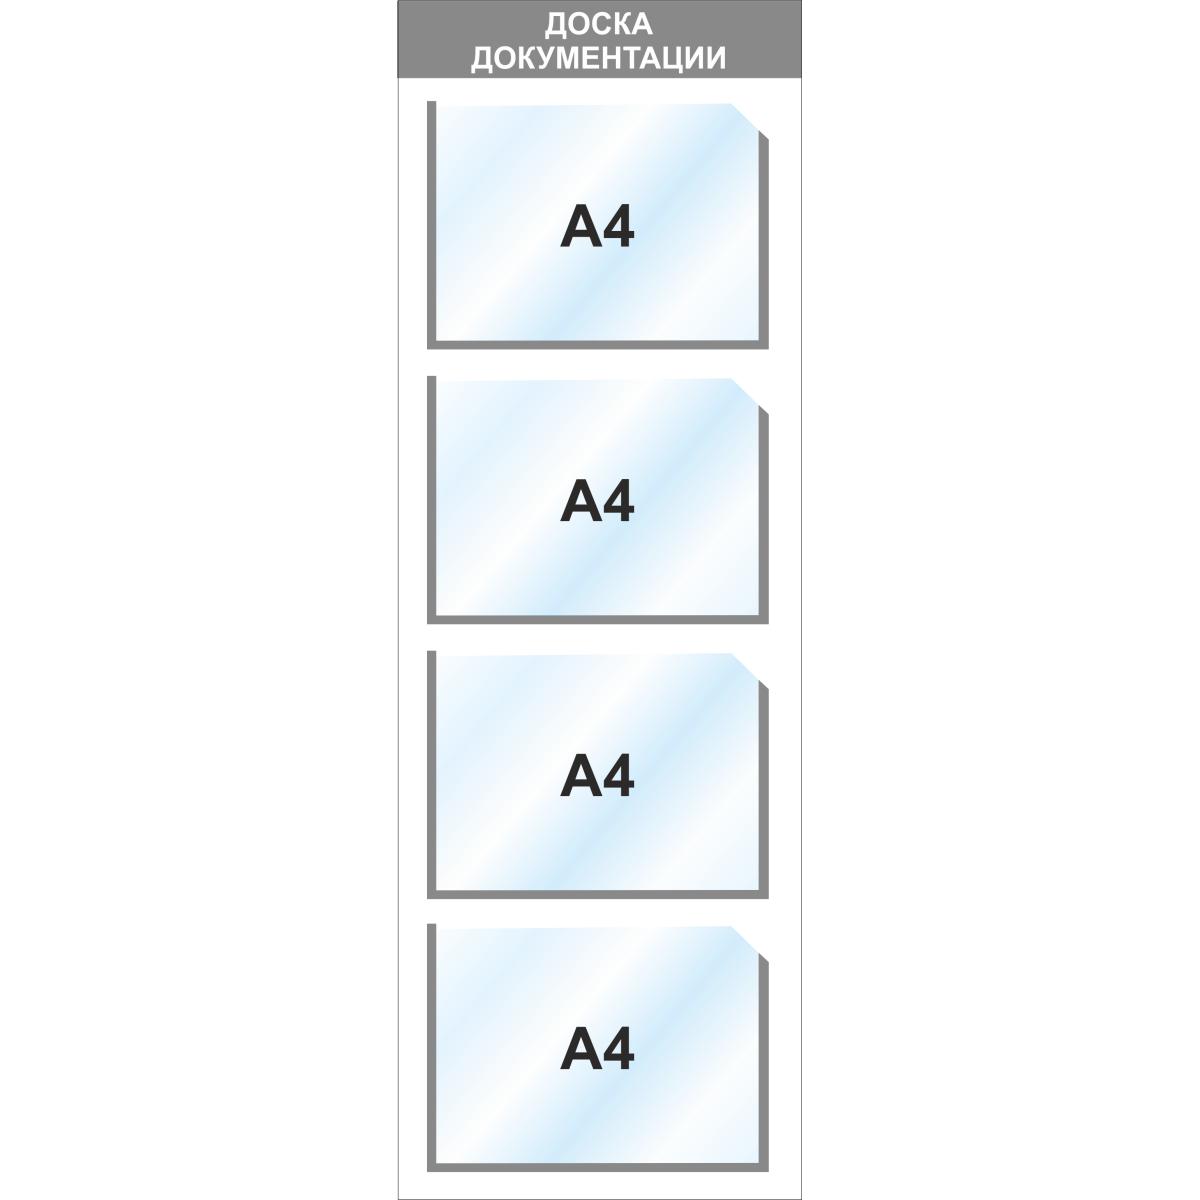 Стенд информационный 3250 365*1080 мм, 4 кармана А4